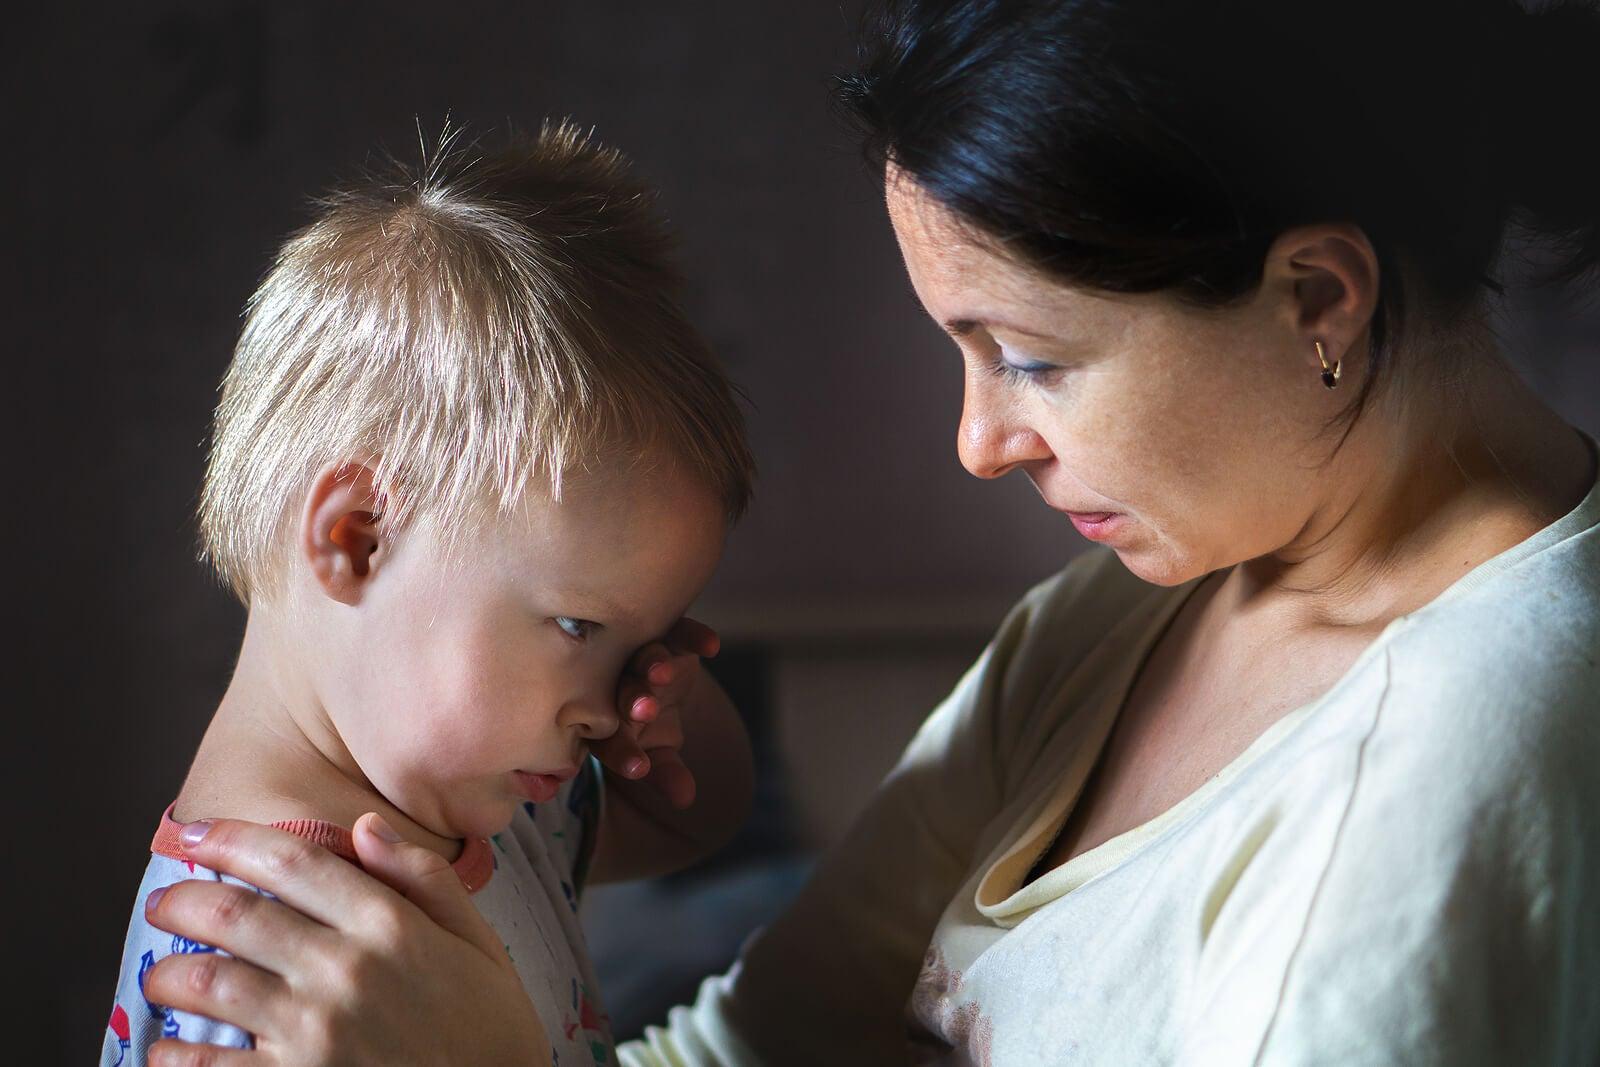 Madre hablando con su hijo para que afronte el cambio.